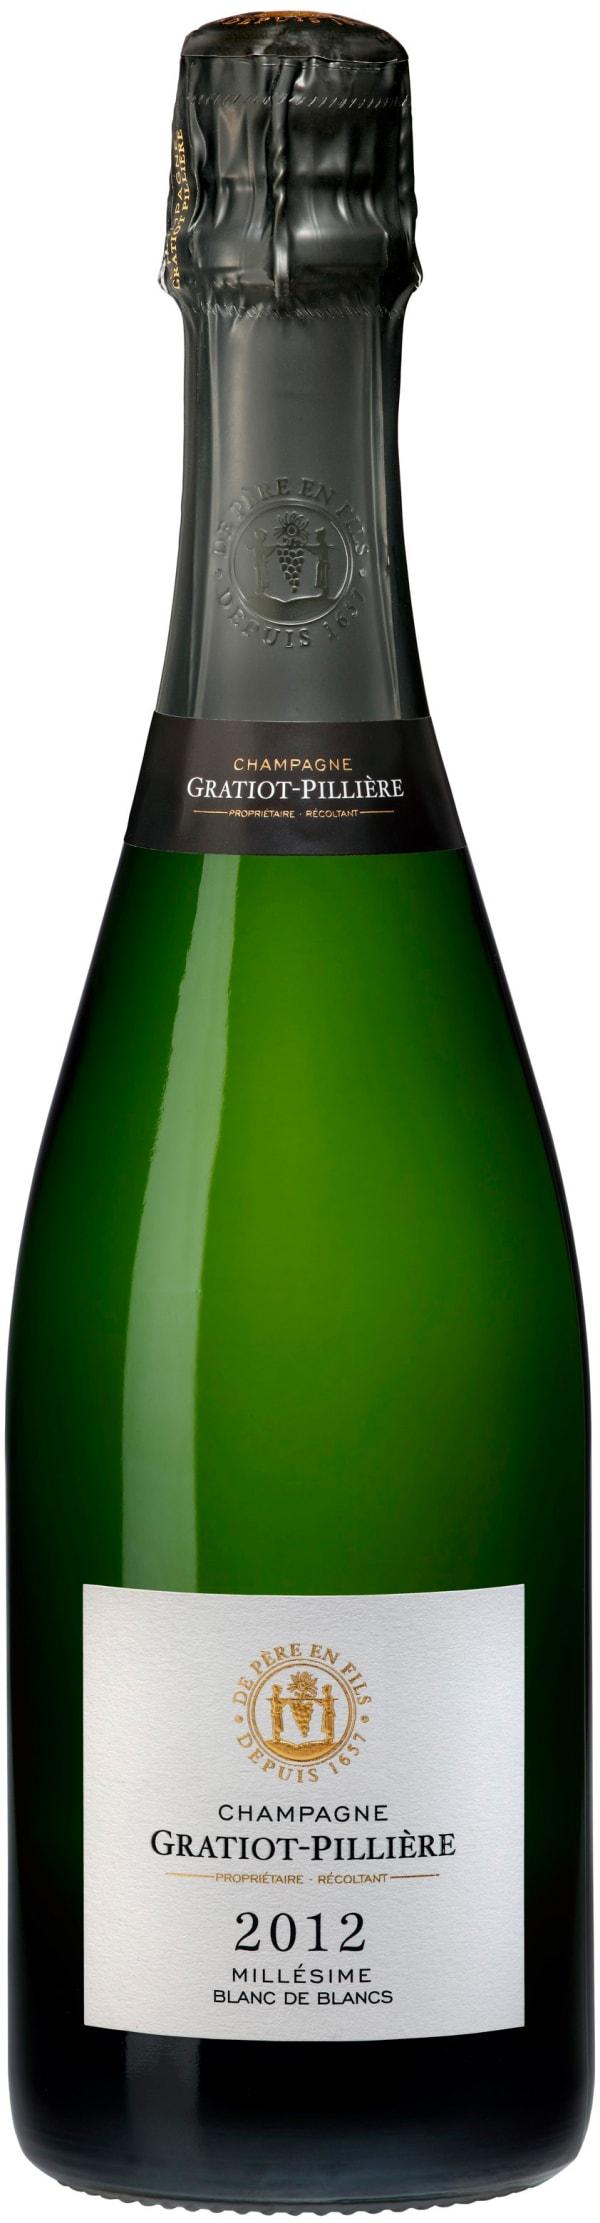 Gratiot-Pillière Blanc de Blancs Champagne Brut 2011